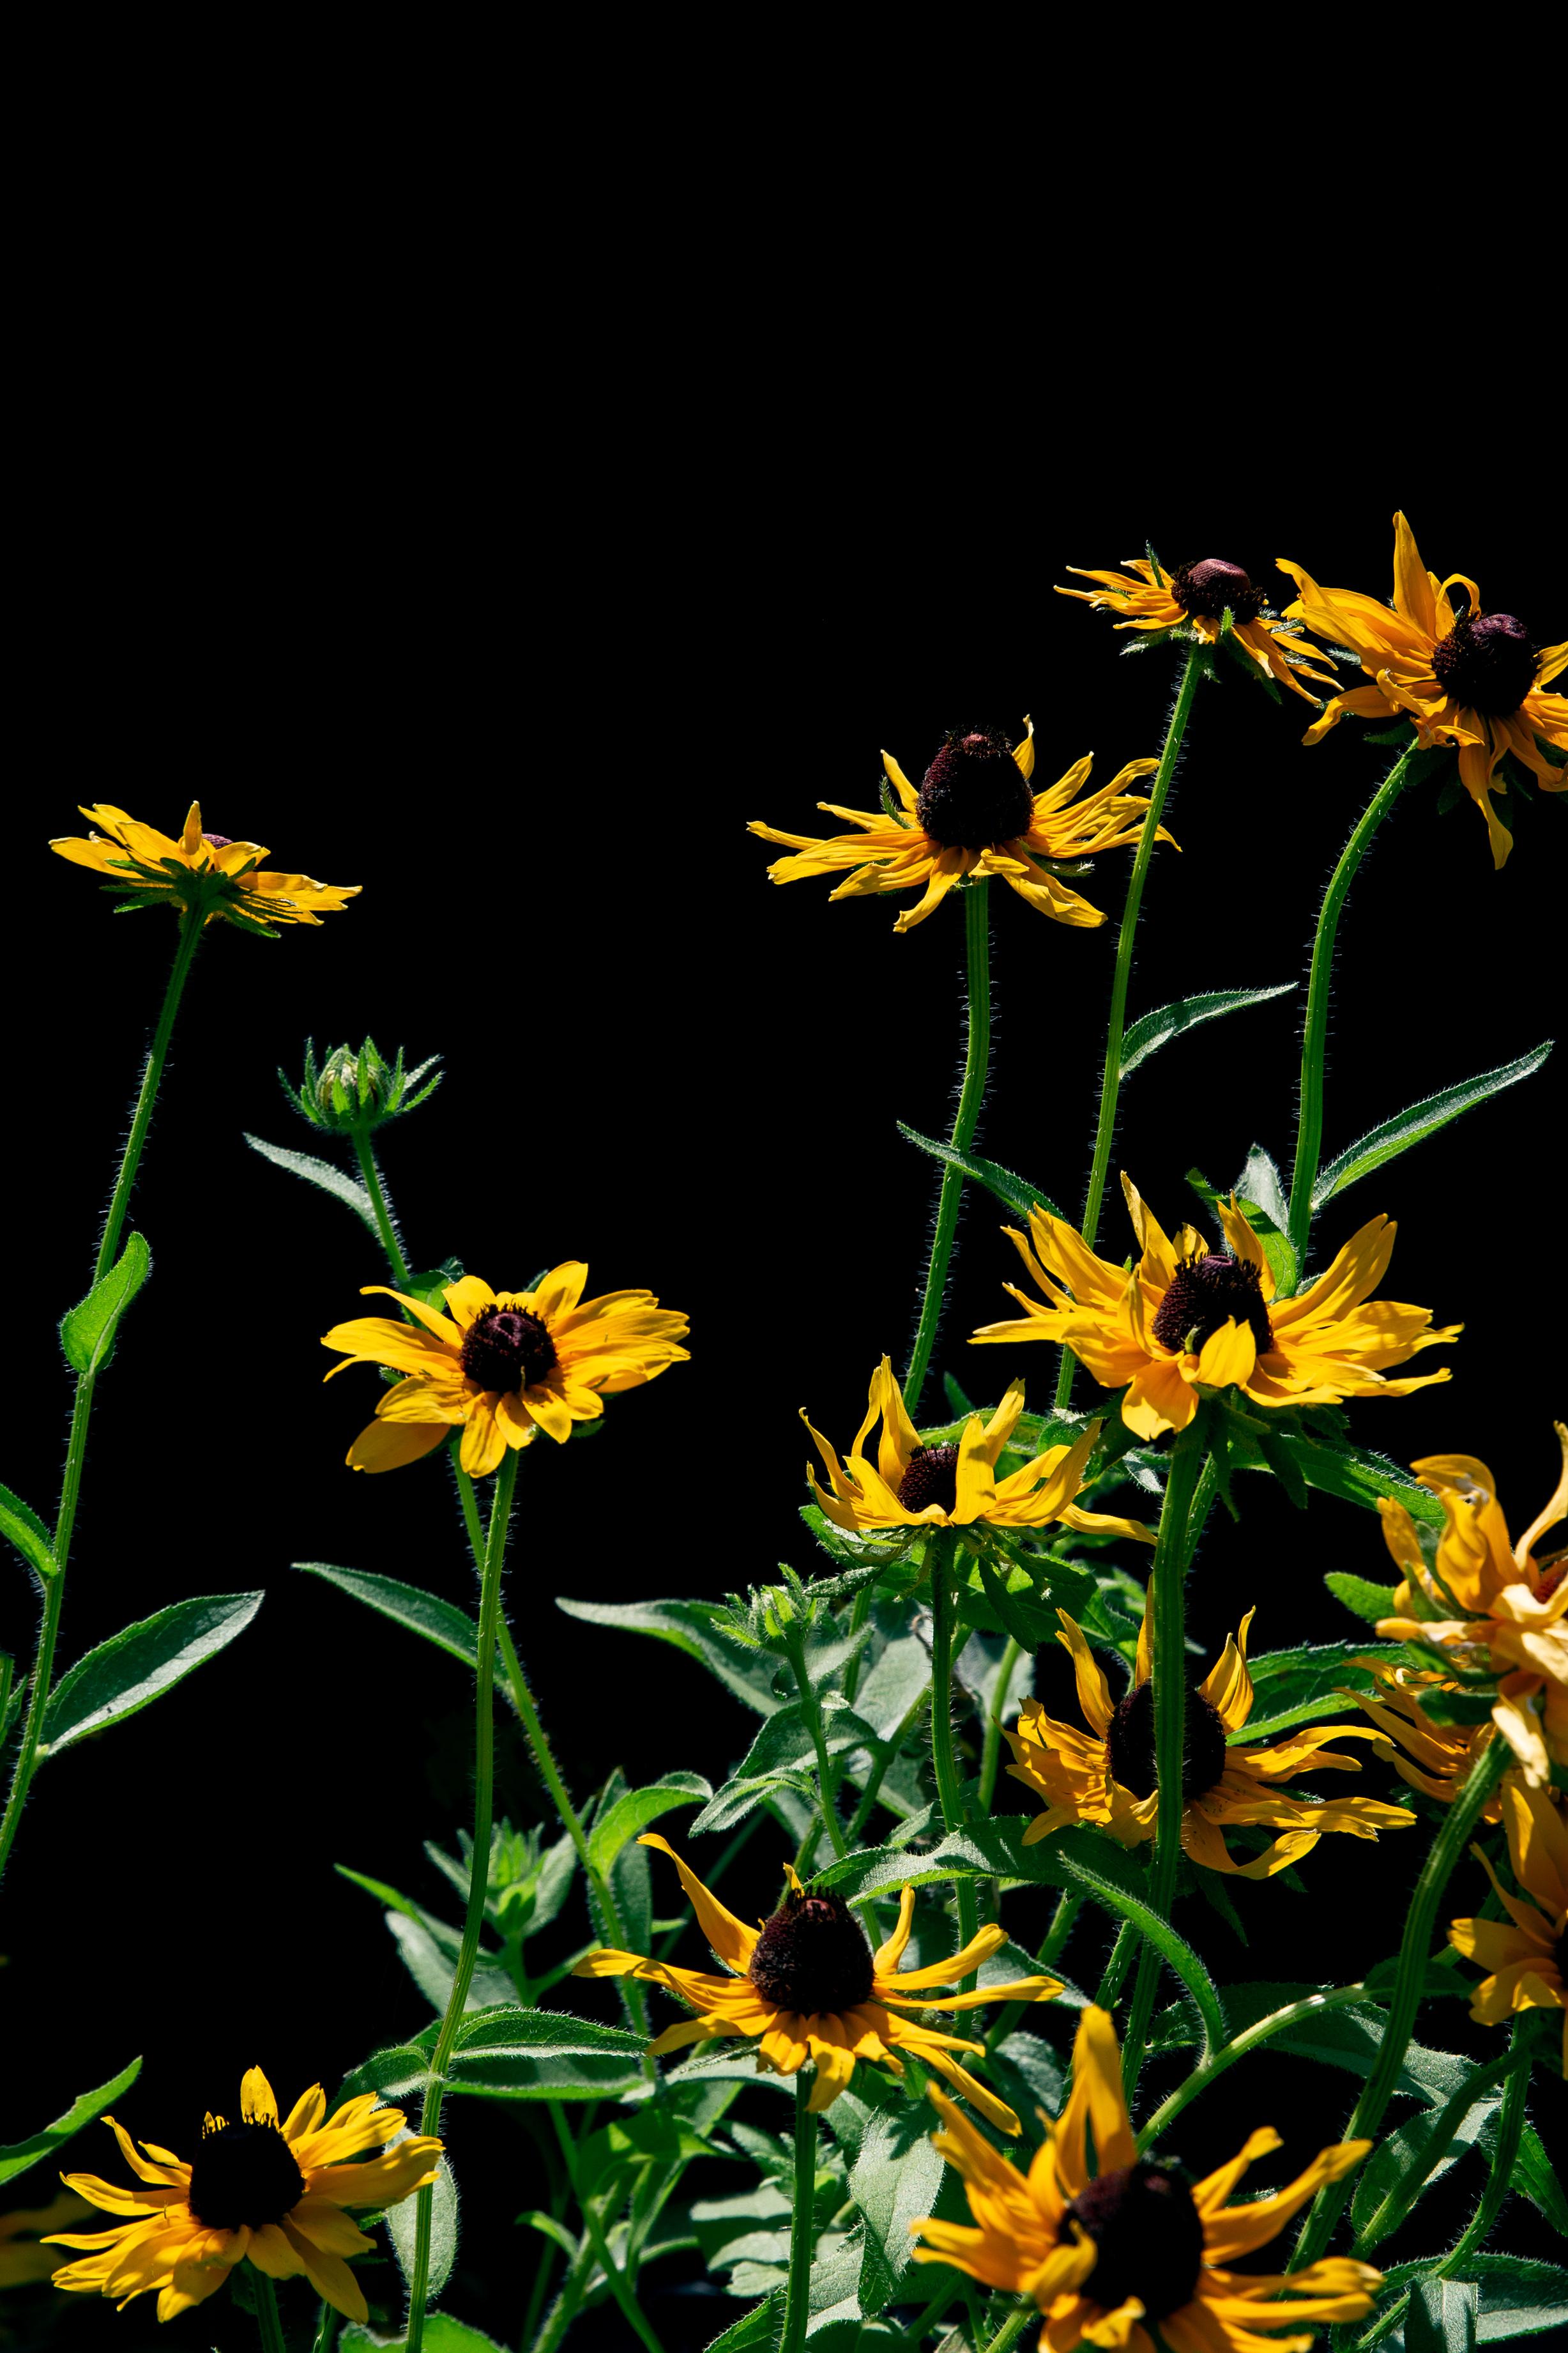 FlowersOnBlack-8.jpg